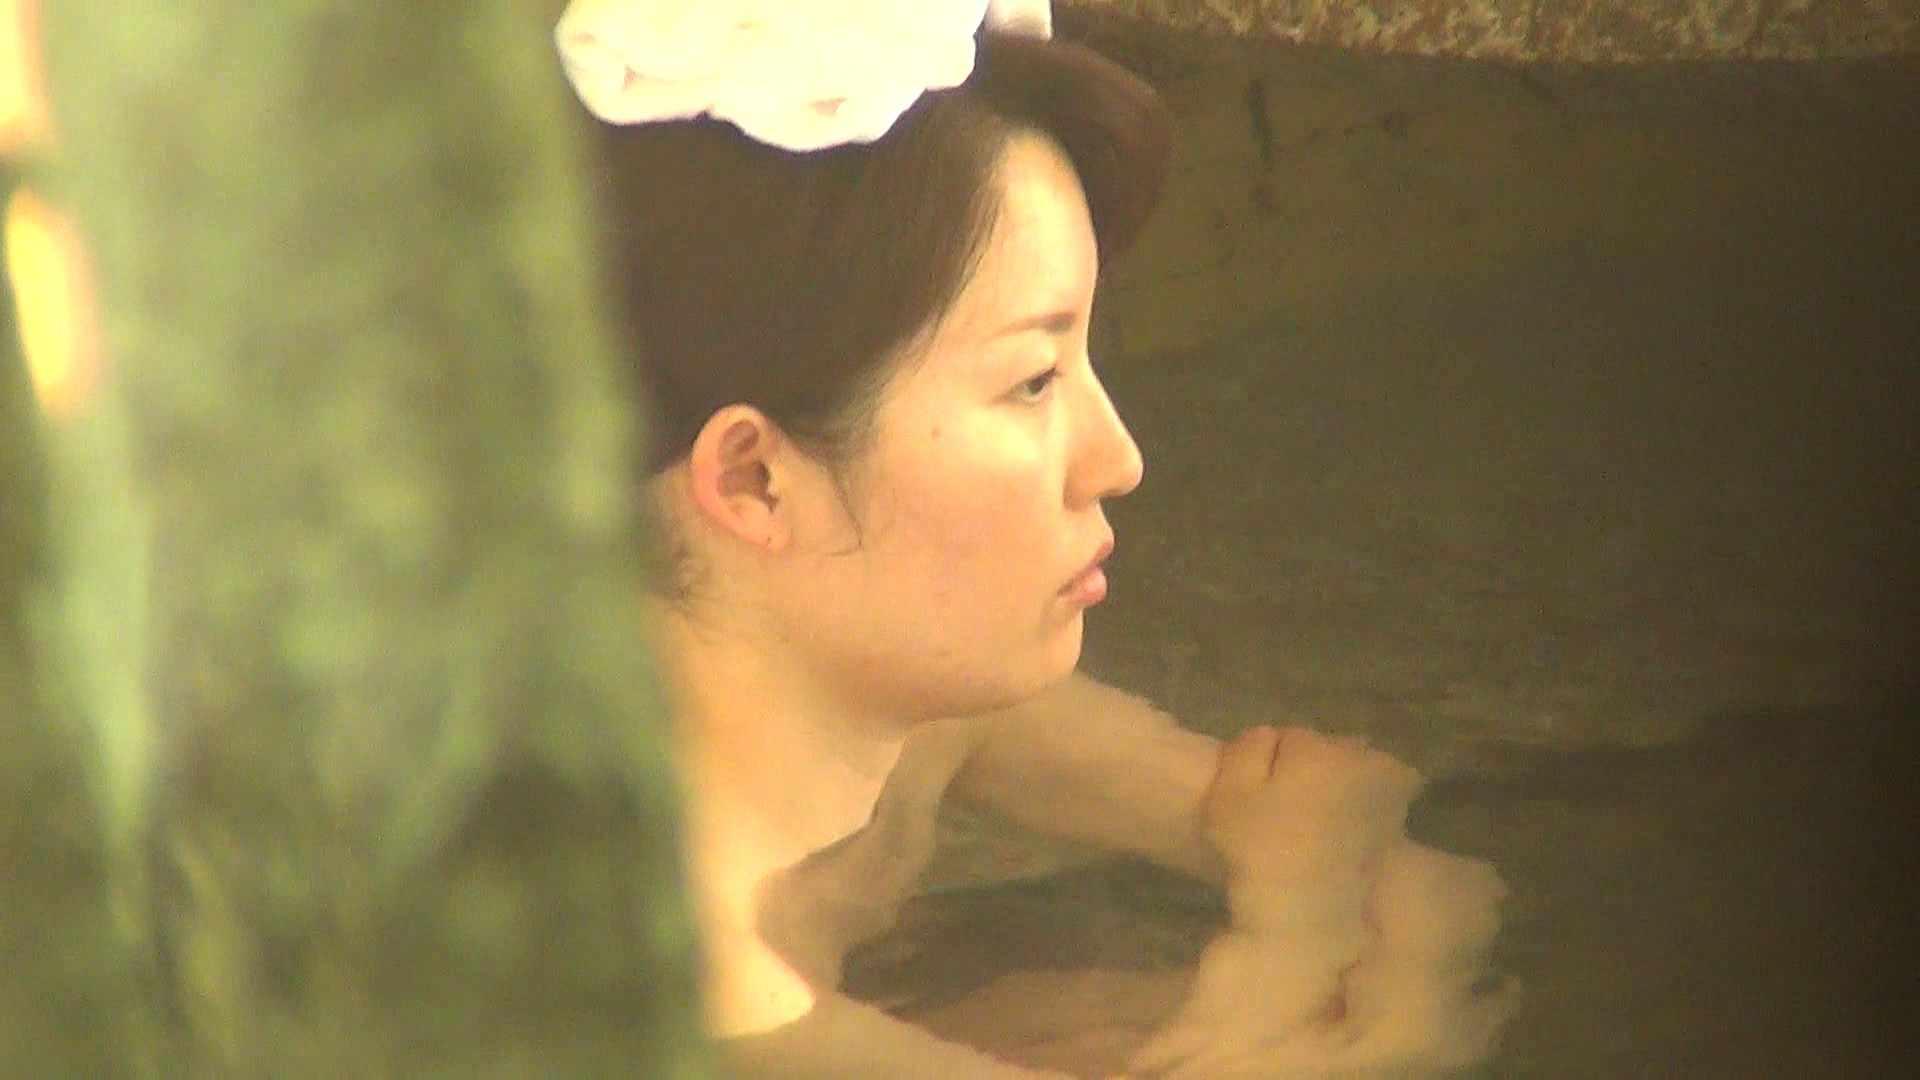 Aquaな露天風呂Vol.301 露天  85画像 75